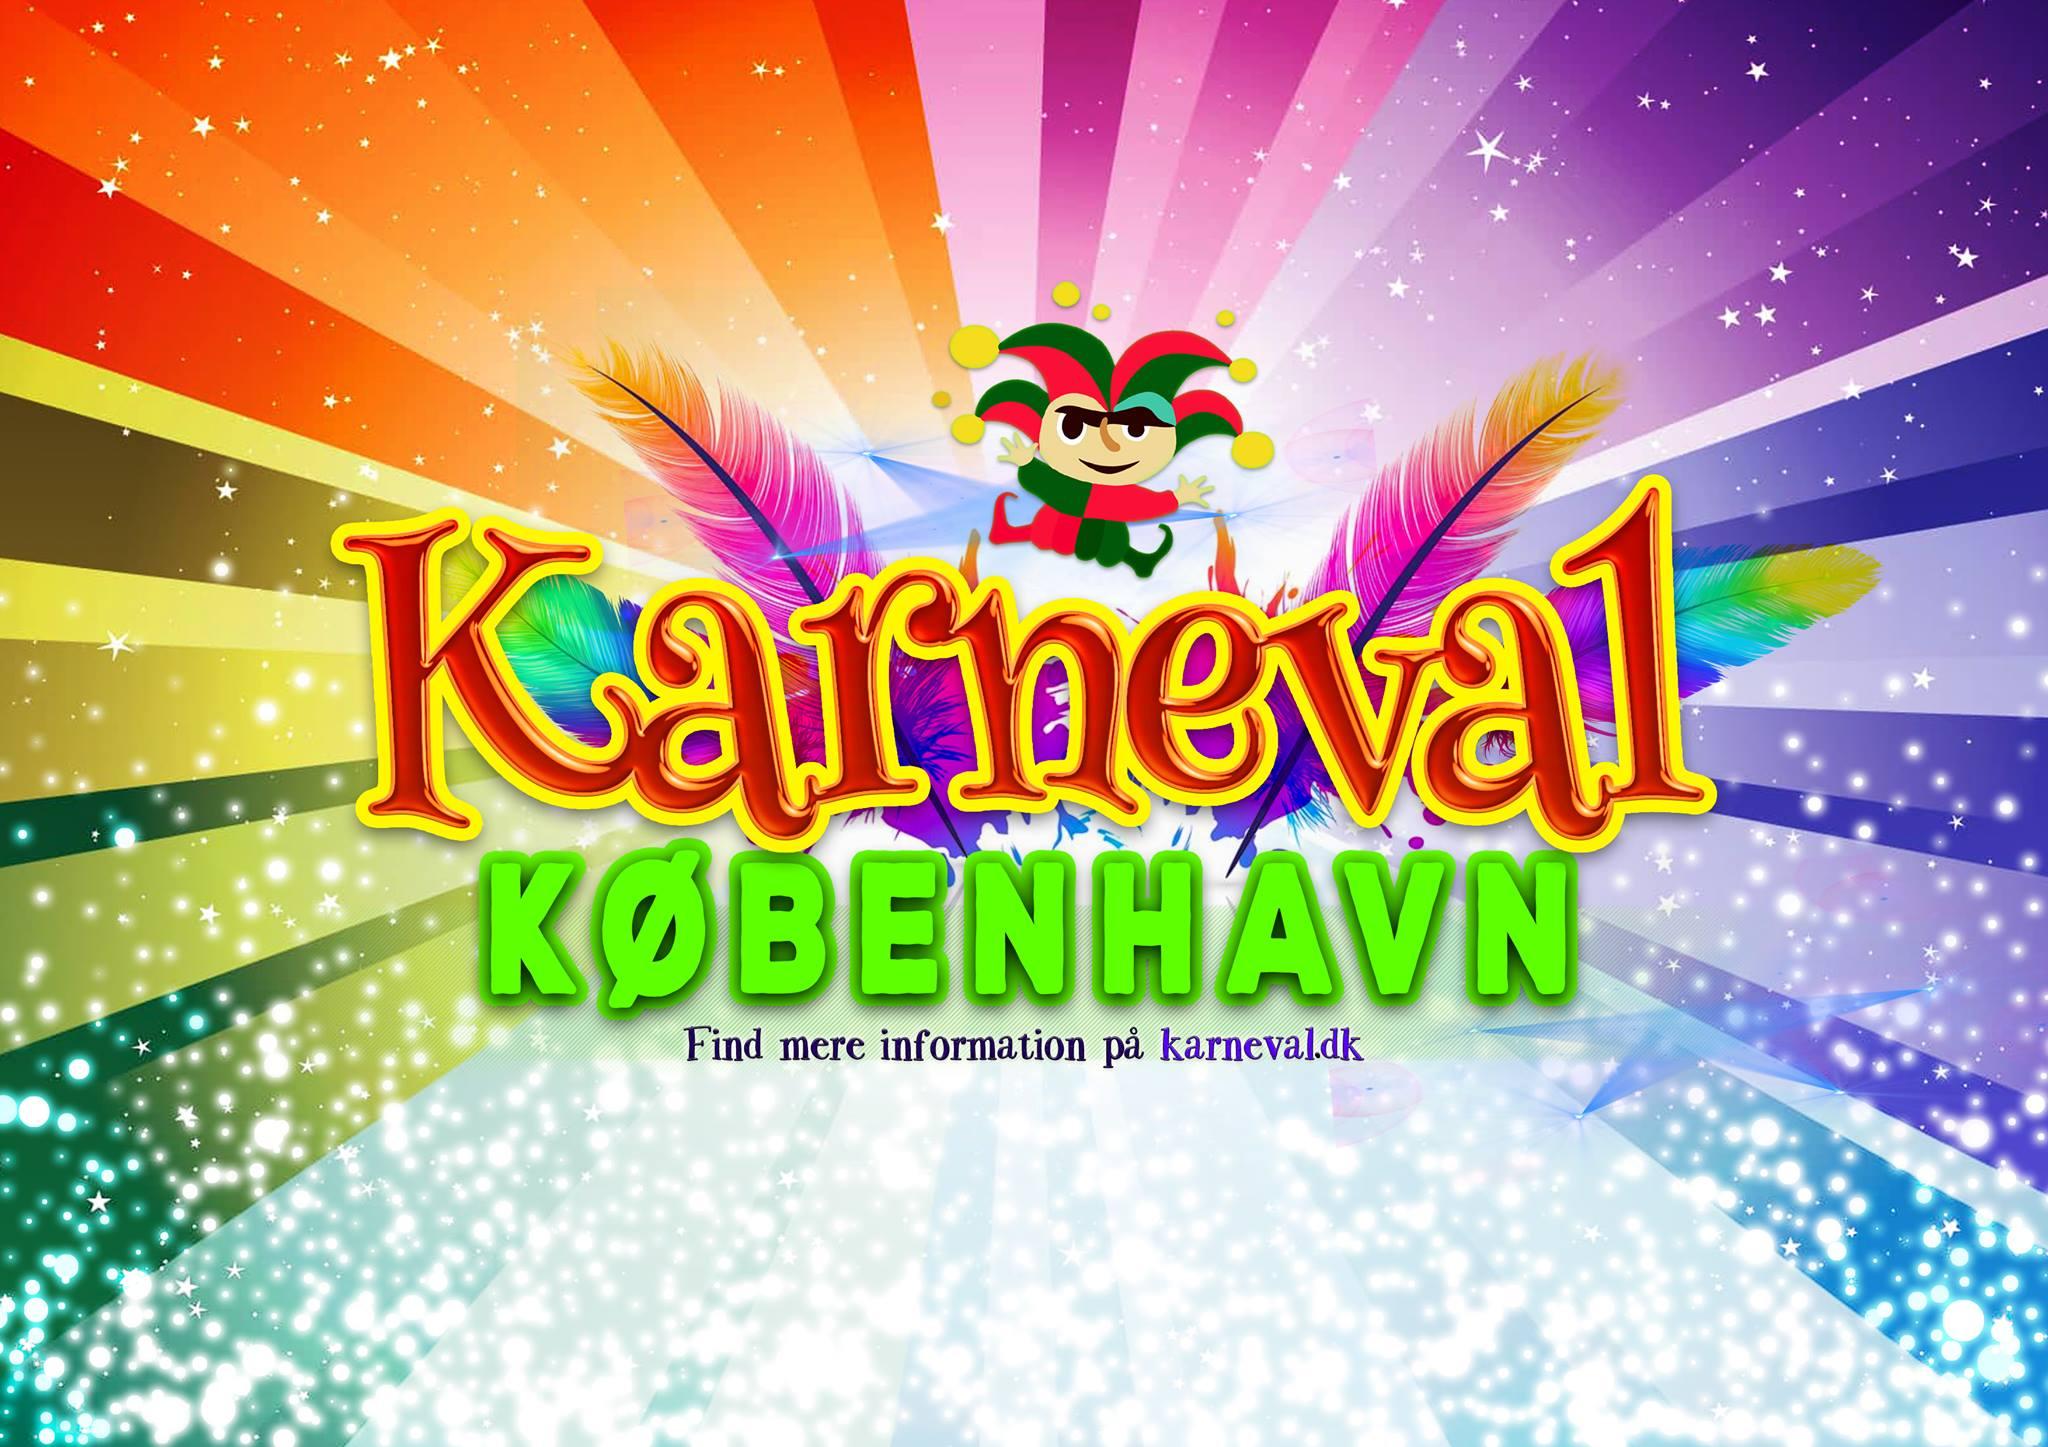 Det er Karneval i København 2018